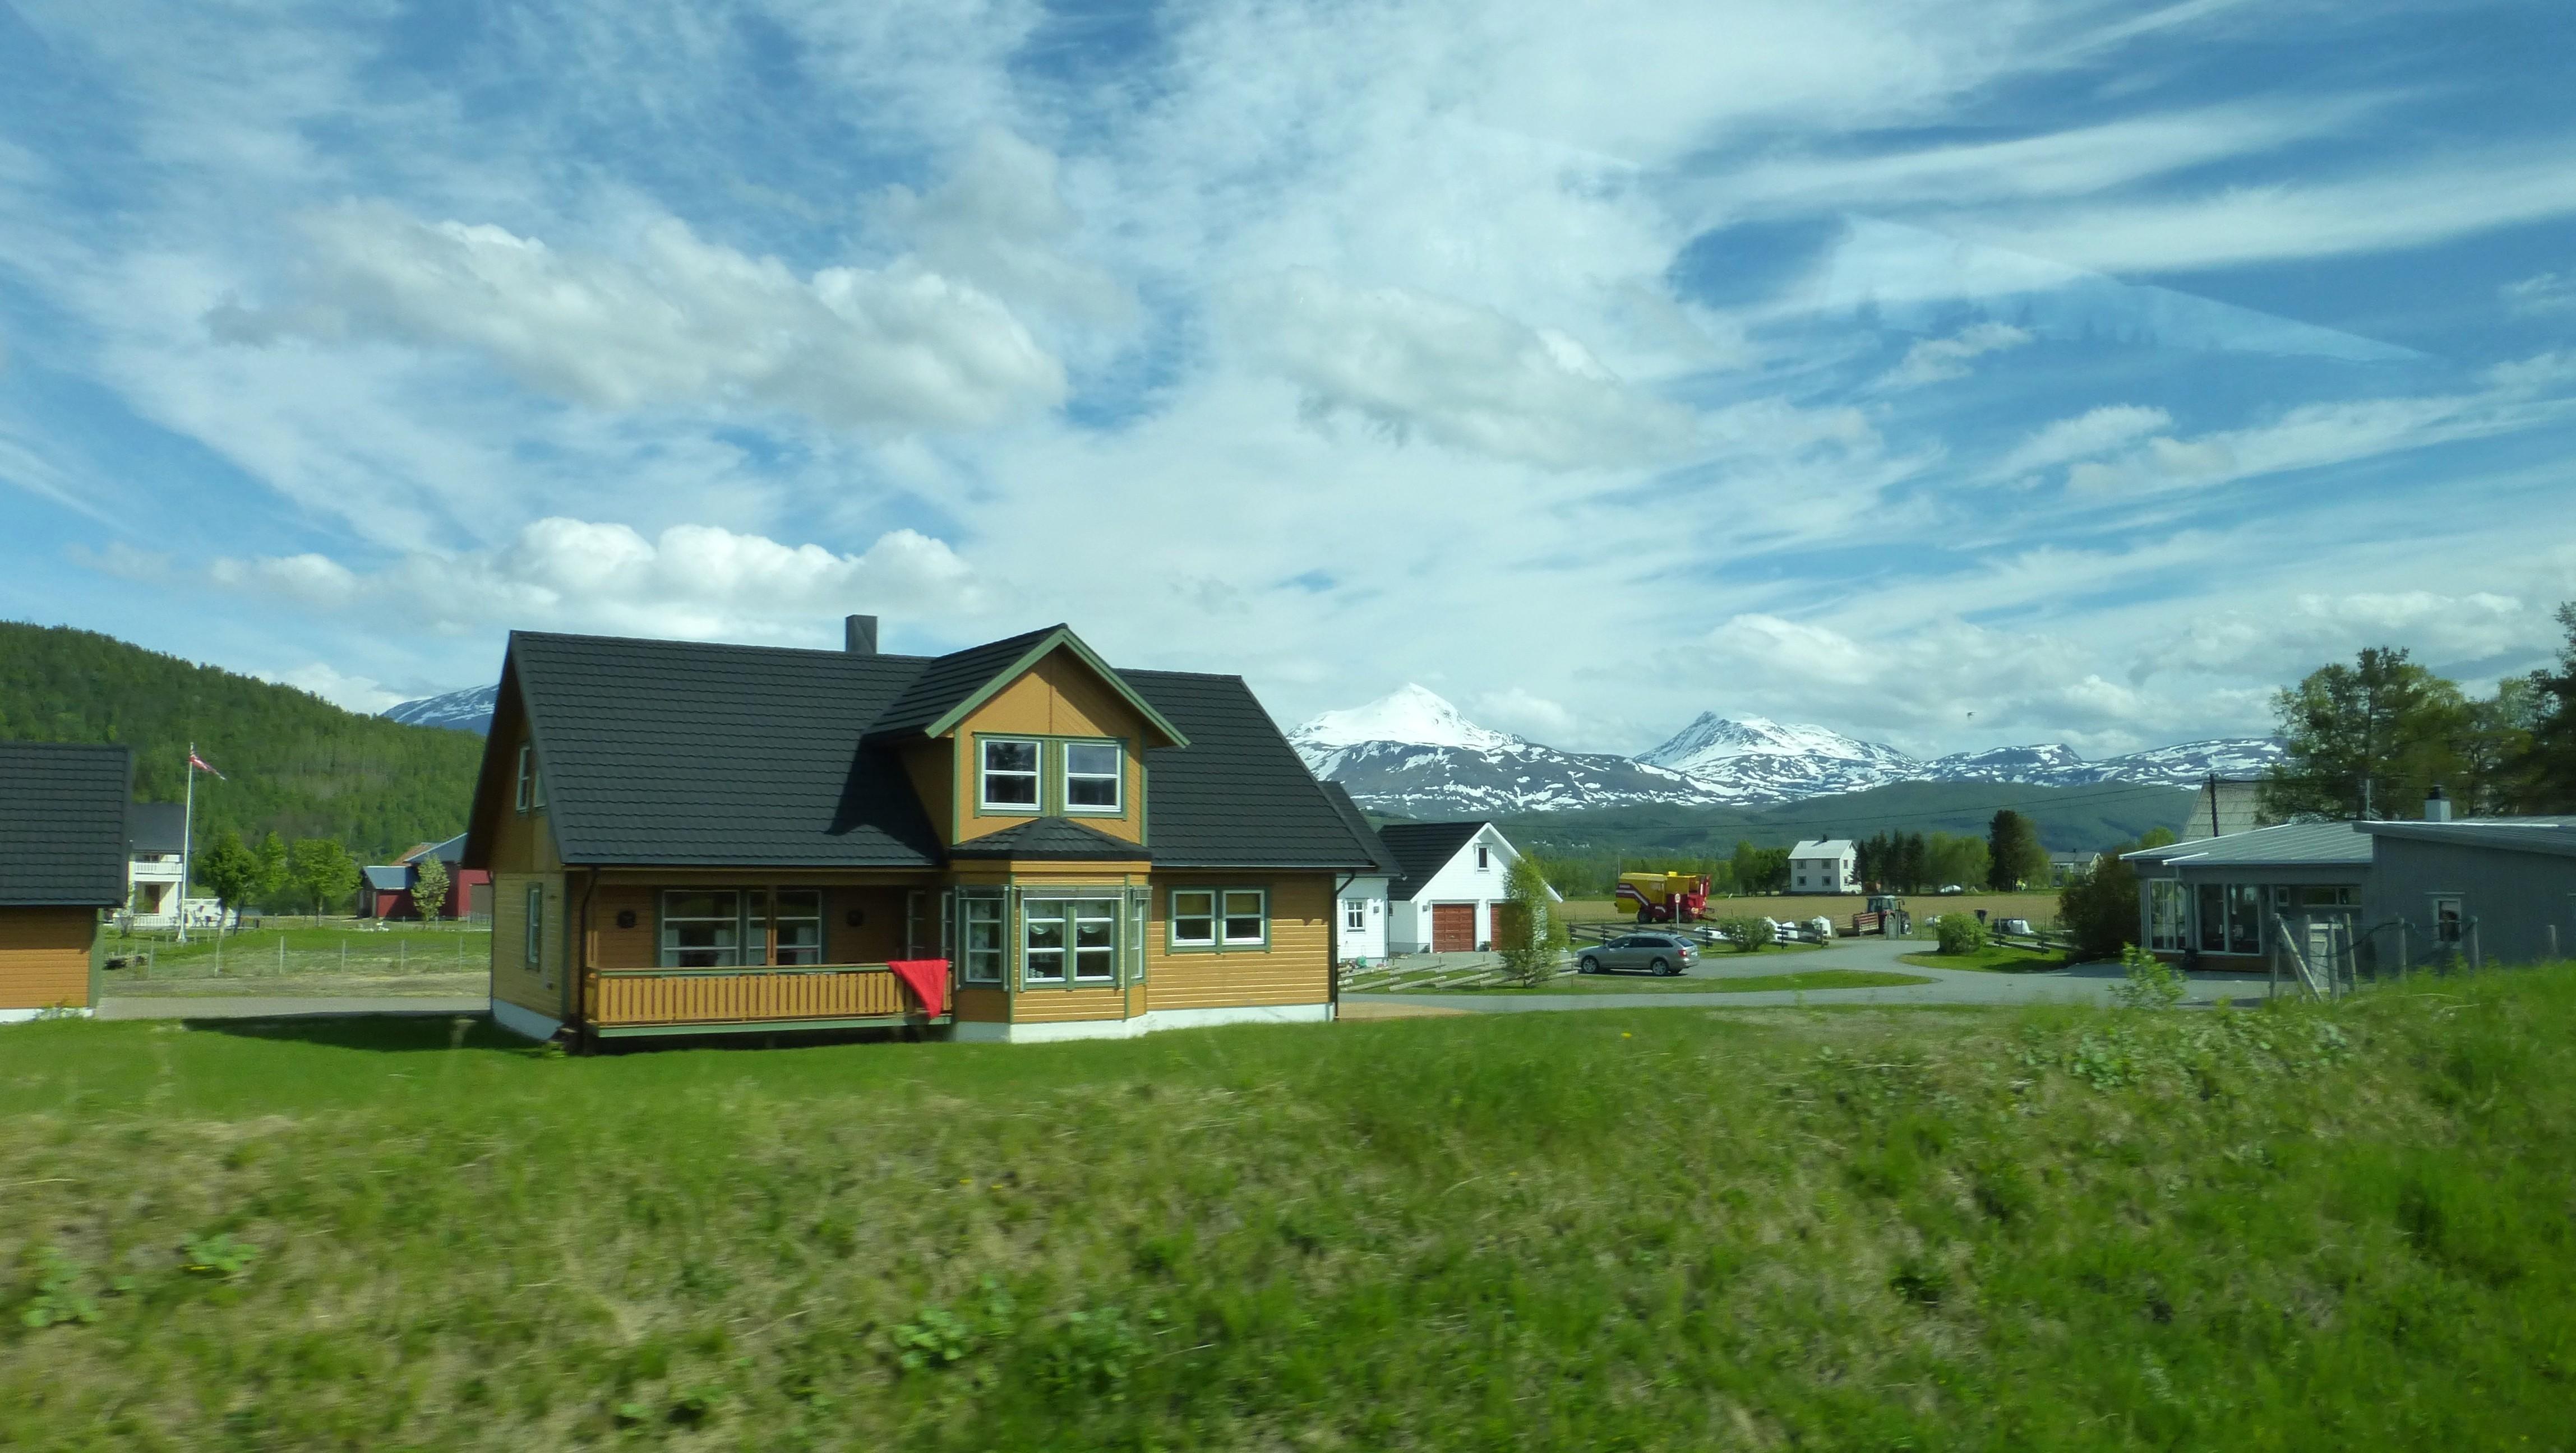 2015-06-22 (18) sur la route de Tromso